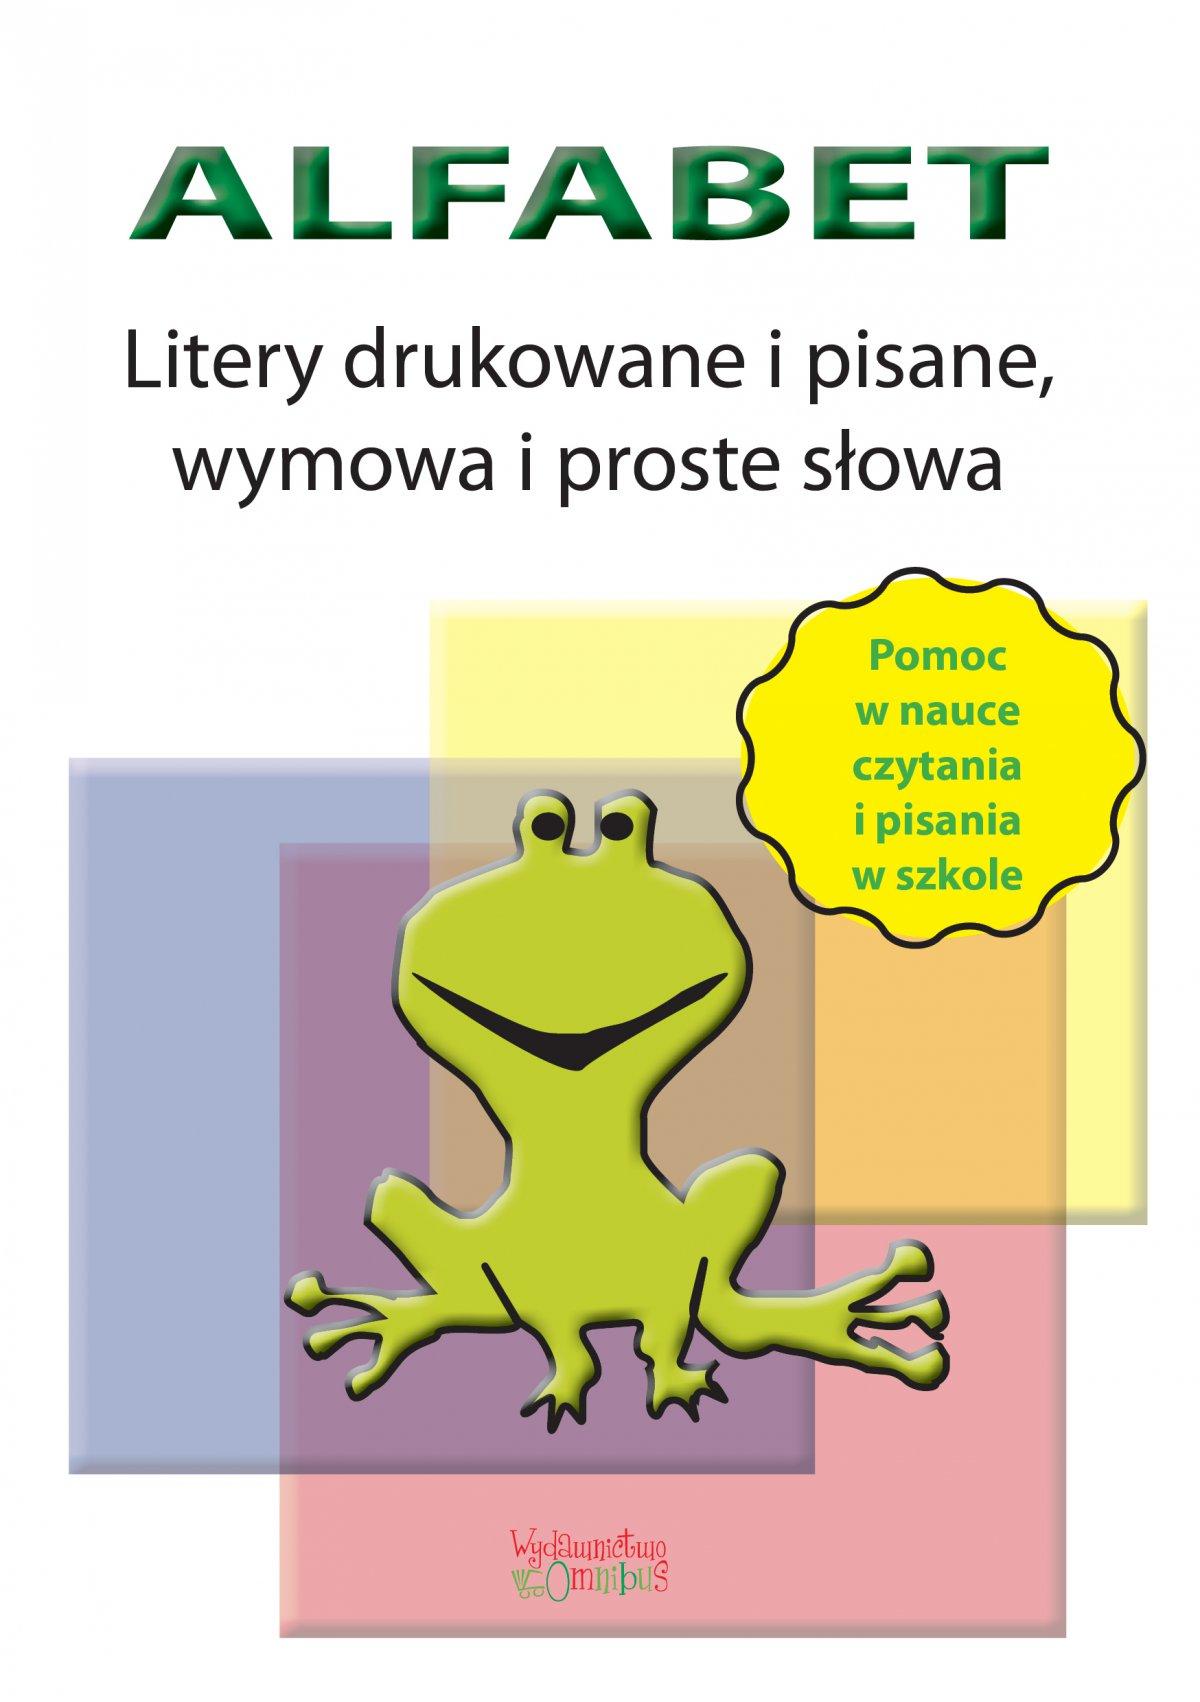 Alfabet. Litery drukowane, pisane, wymowa i proste słowa - Ebook (Książka PDF) do pobrania w formacie PDF